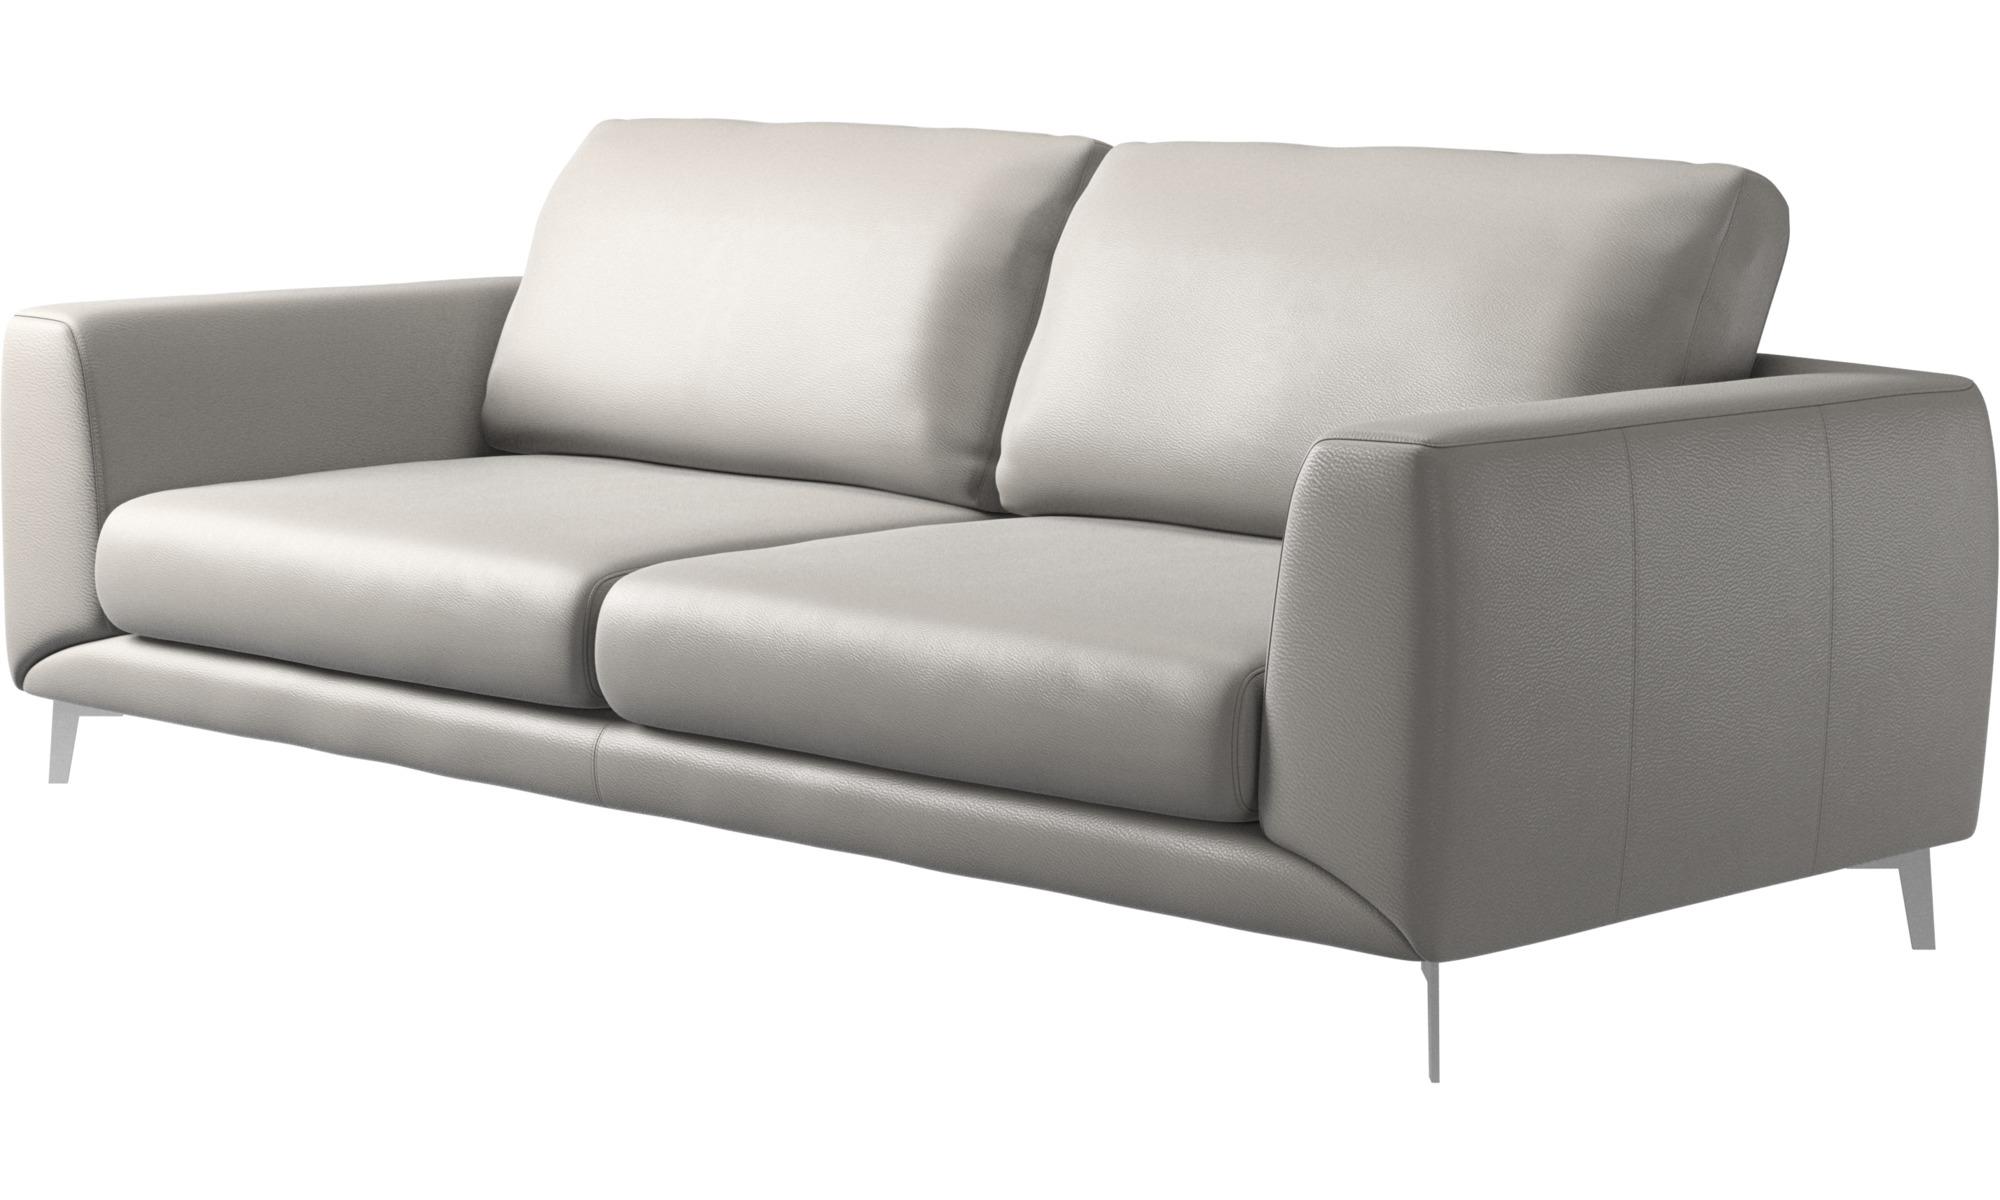 Awesome 3 Seater Sofas Fargo Sofa Boconcept Pabps2019 Chair Design Images Pabps2019Com